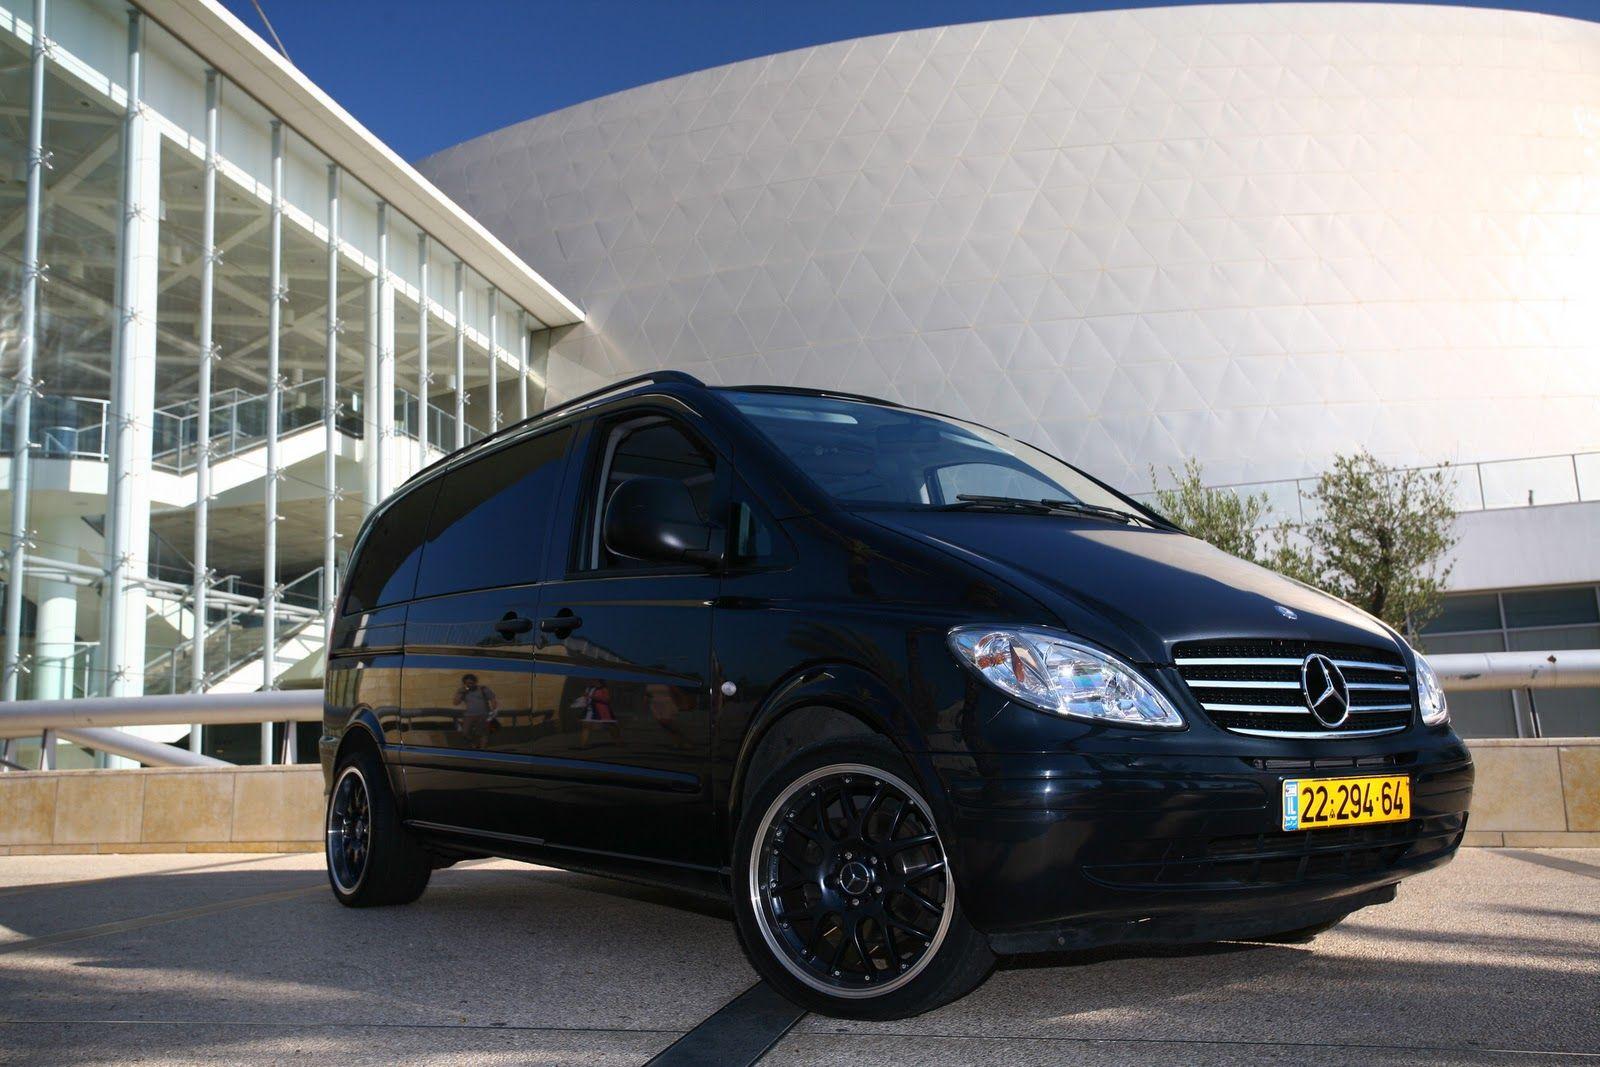 15 Mercedes Benz Vito Ideas In 2021 Mercedes Benz Vito Mercedes Benz Benz